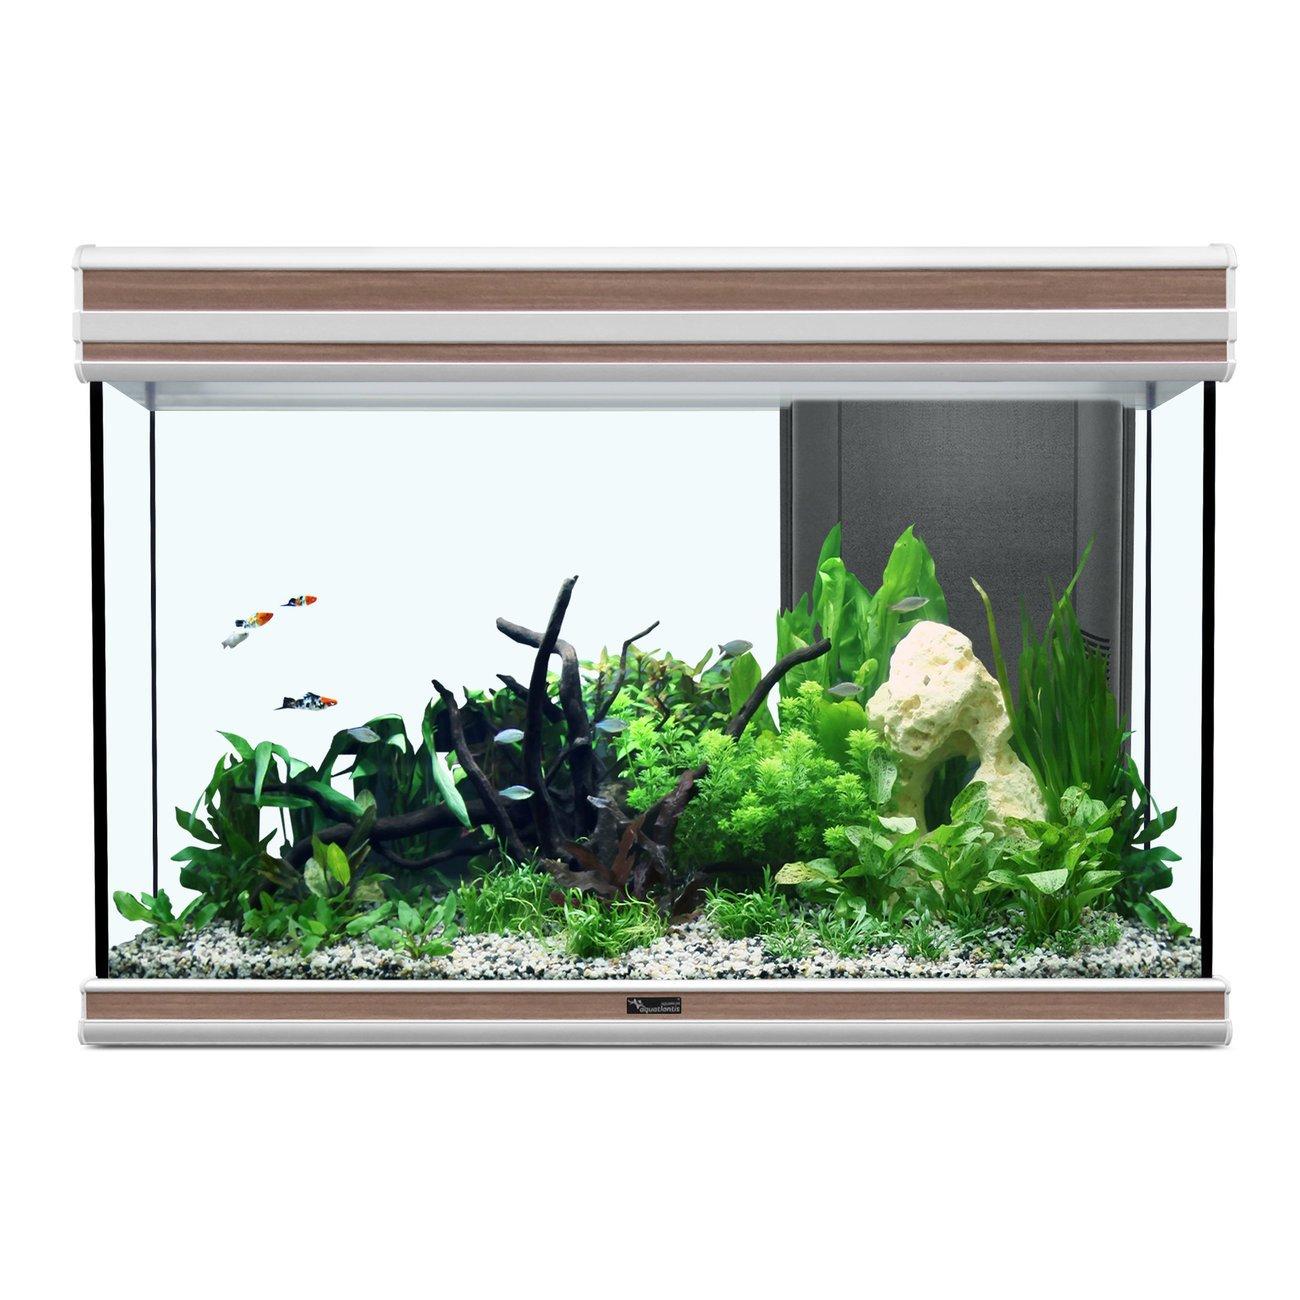 Aquatlantis Fusion 80 Aquarium Bild 3